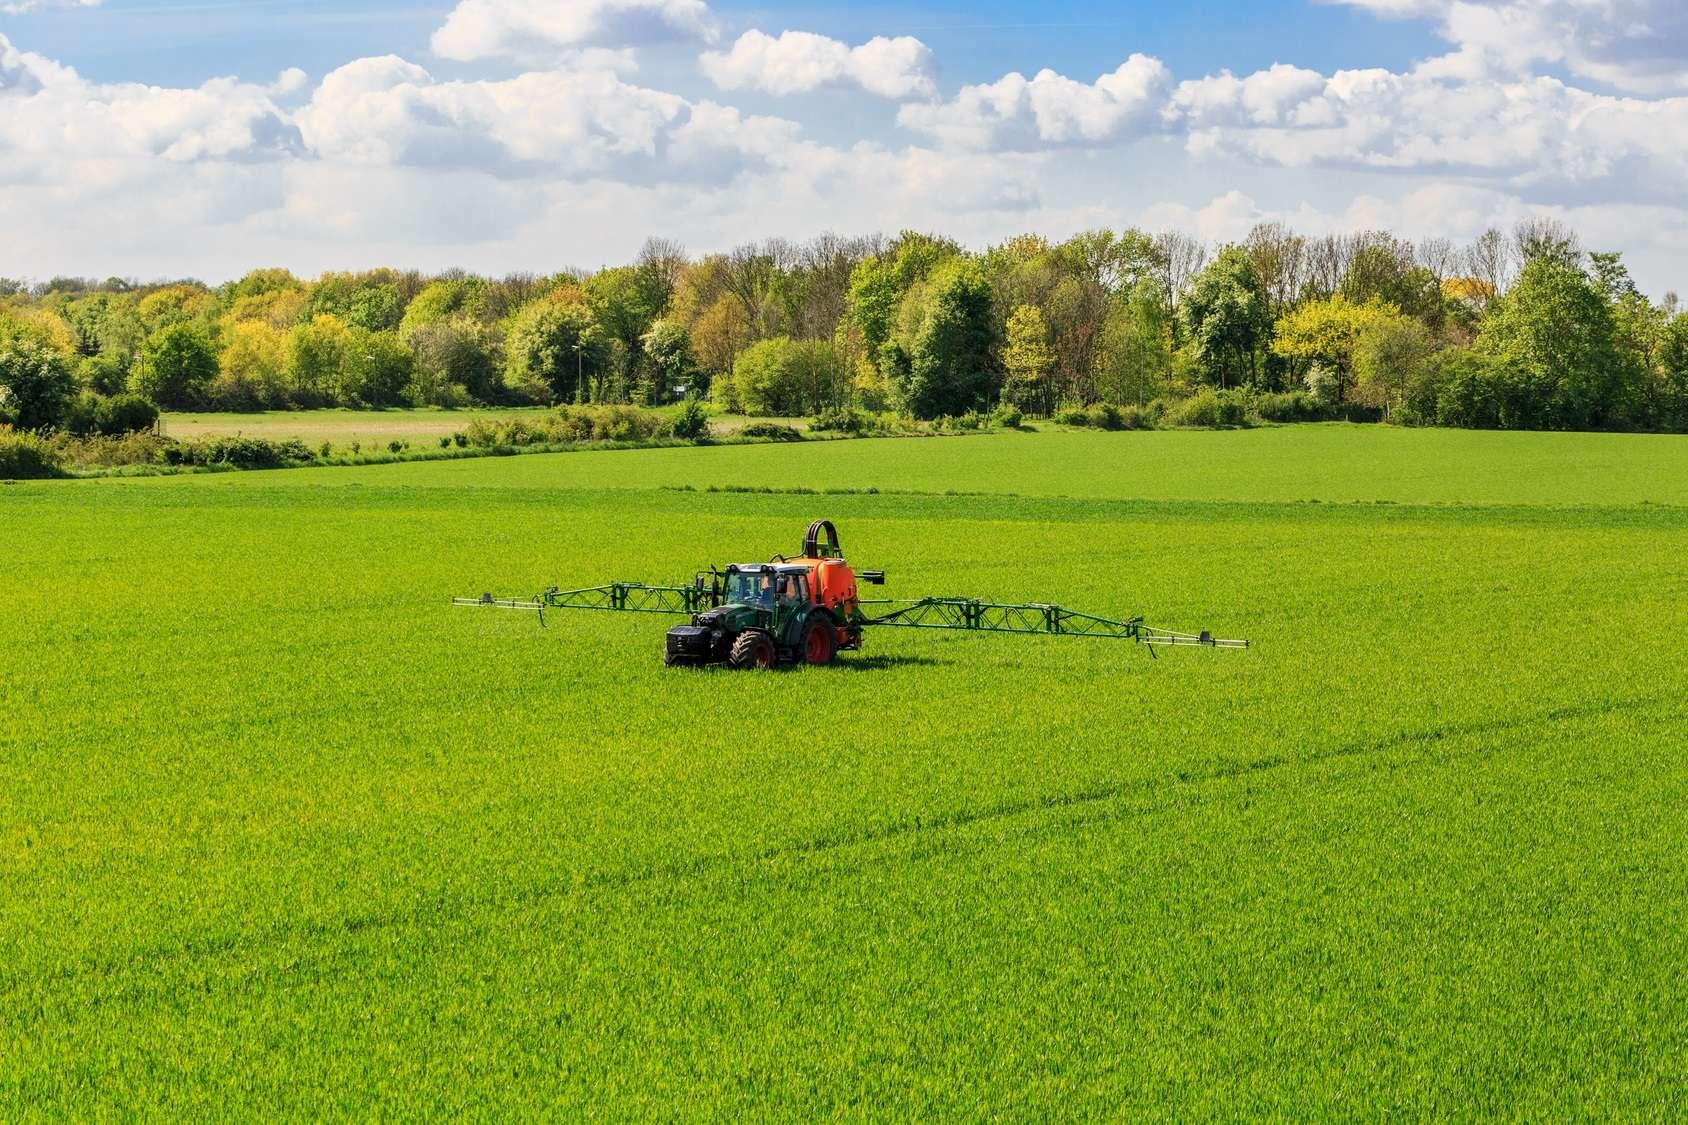 Le glyphosate est un herbicide massivement utilisé à travers le monde, notamment sous la marque Roundup commercialisée par Monsanto, filiale de Bayer depuis 2018. @ gerduess, Fotolia